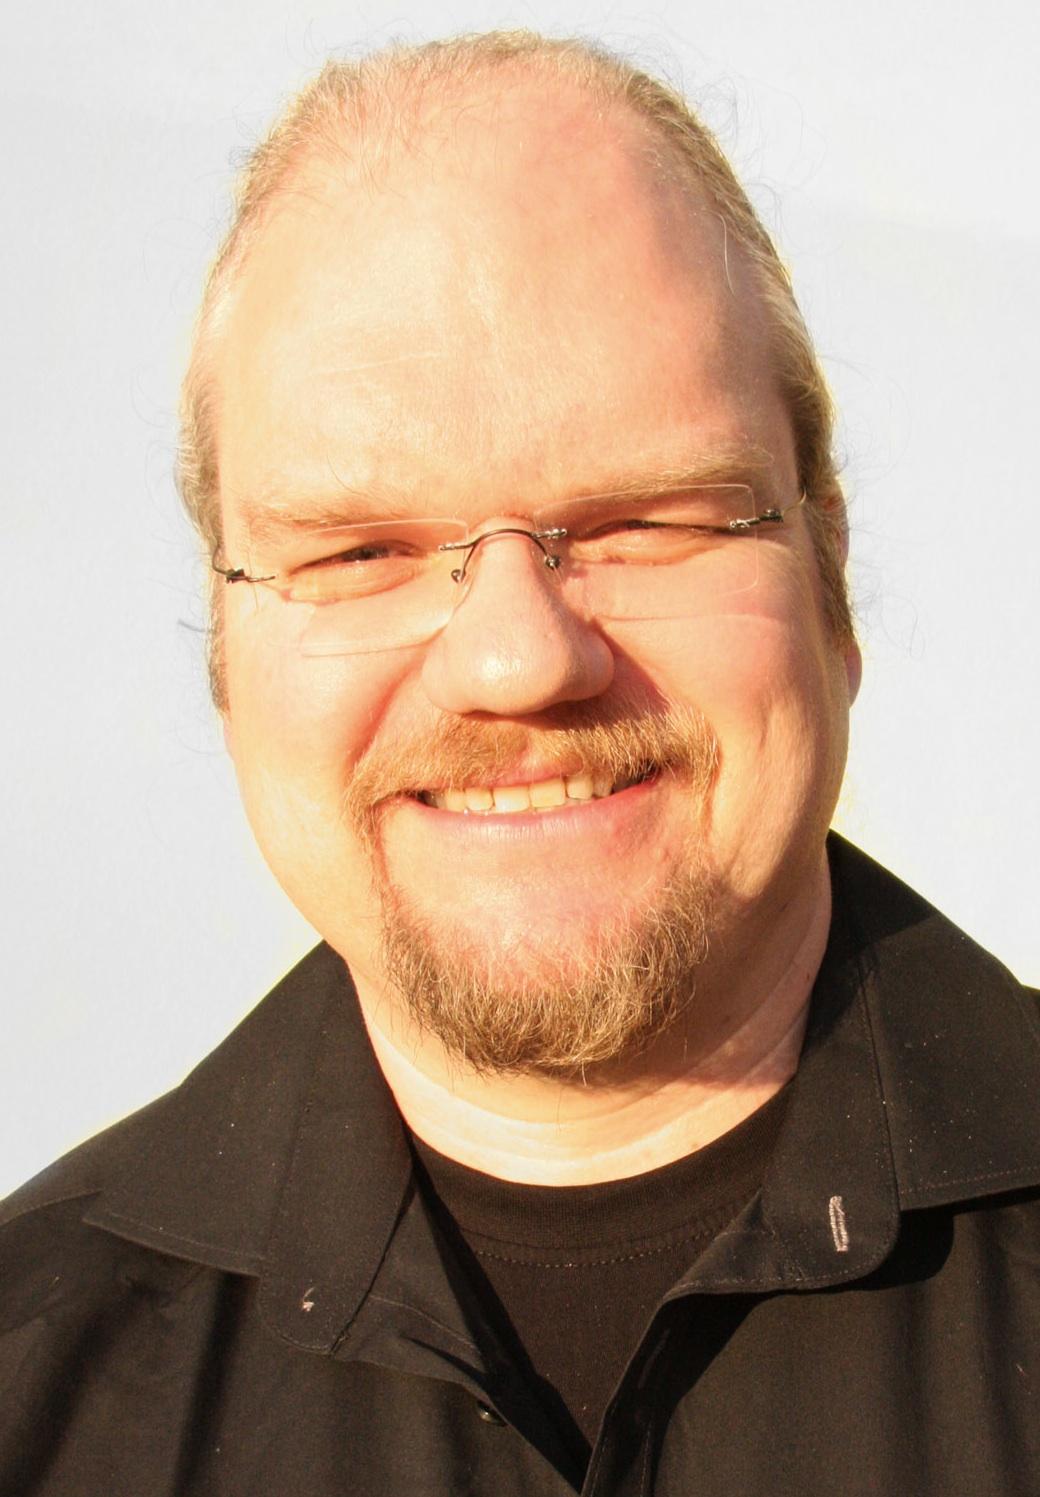 Thorsten Zahn